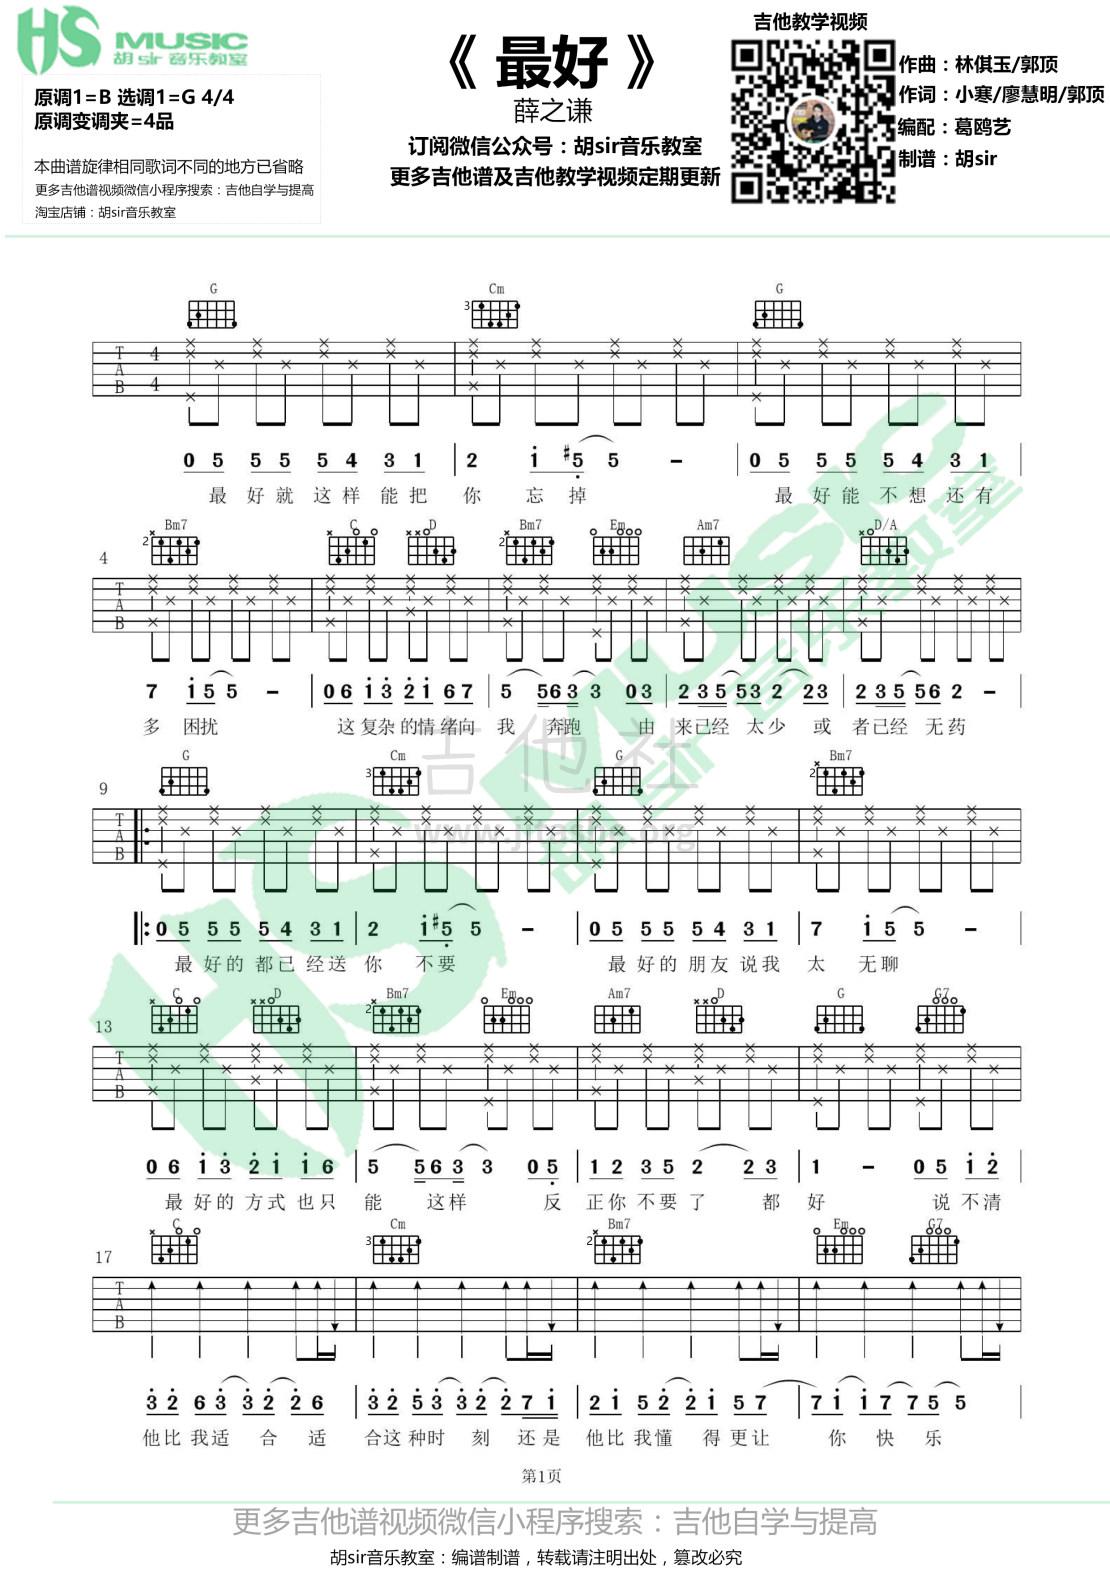 最好(胡sir音乐教室)吉他谱(图片谱,弹唱,G调,胡sir音乐教室)_薛之谦_《最好》薛之谦 G调【胡sir音乐教室】